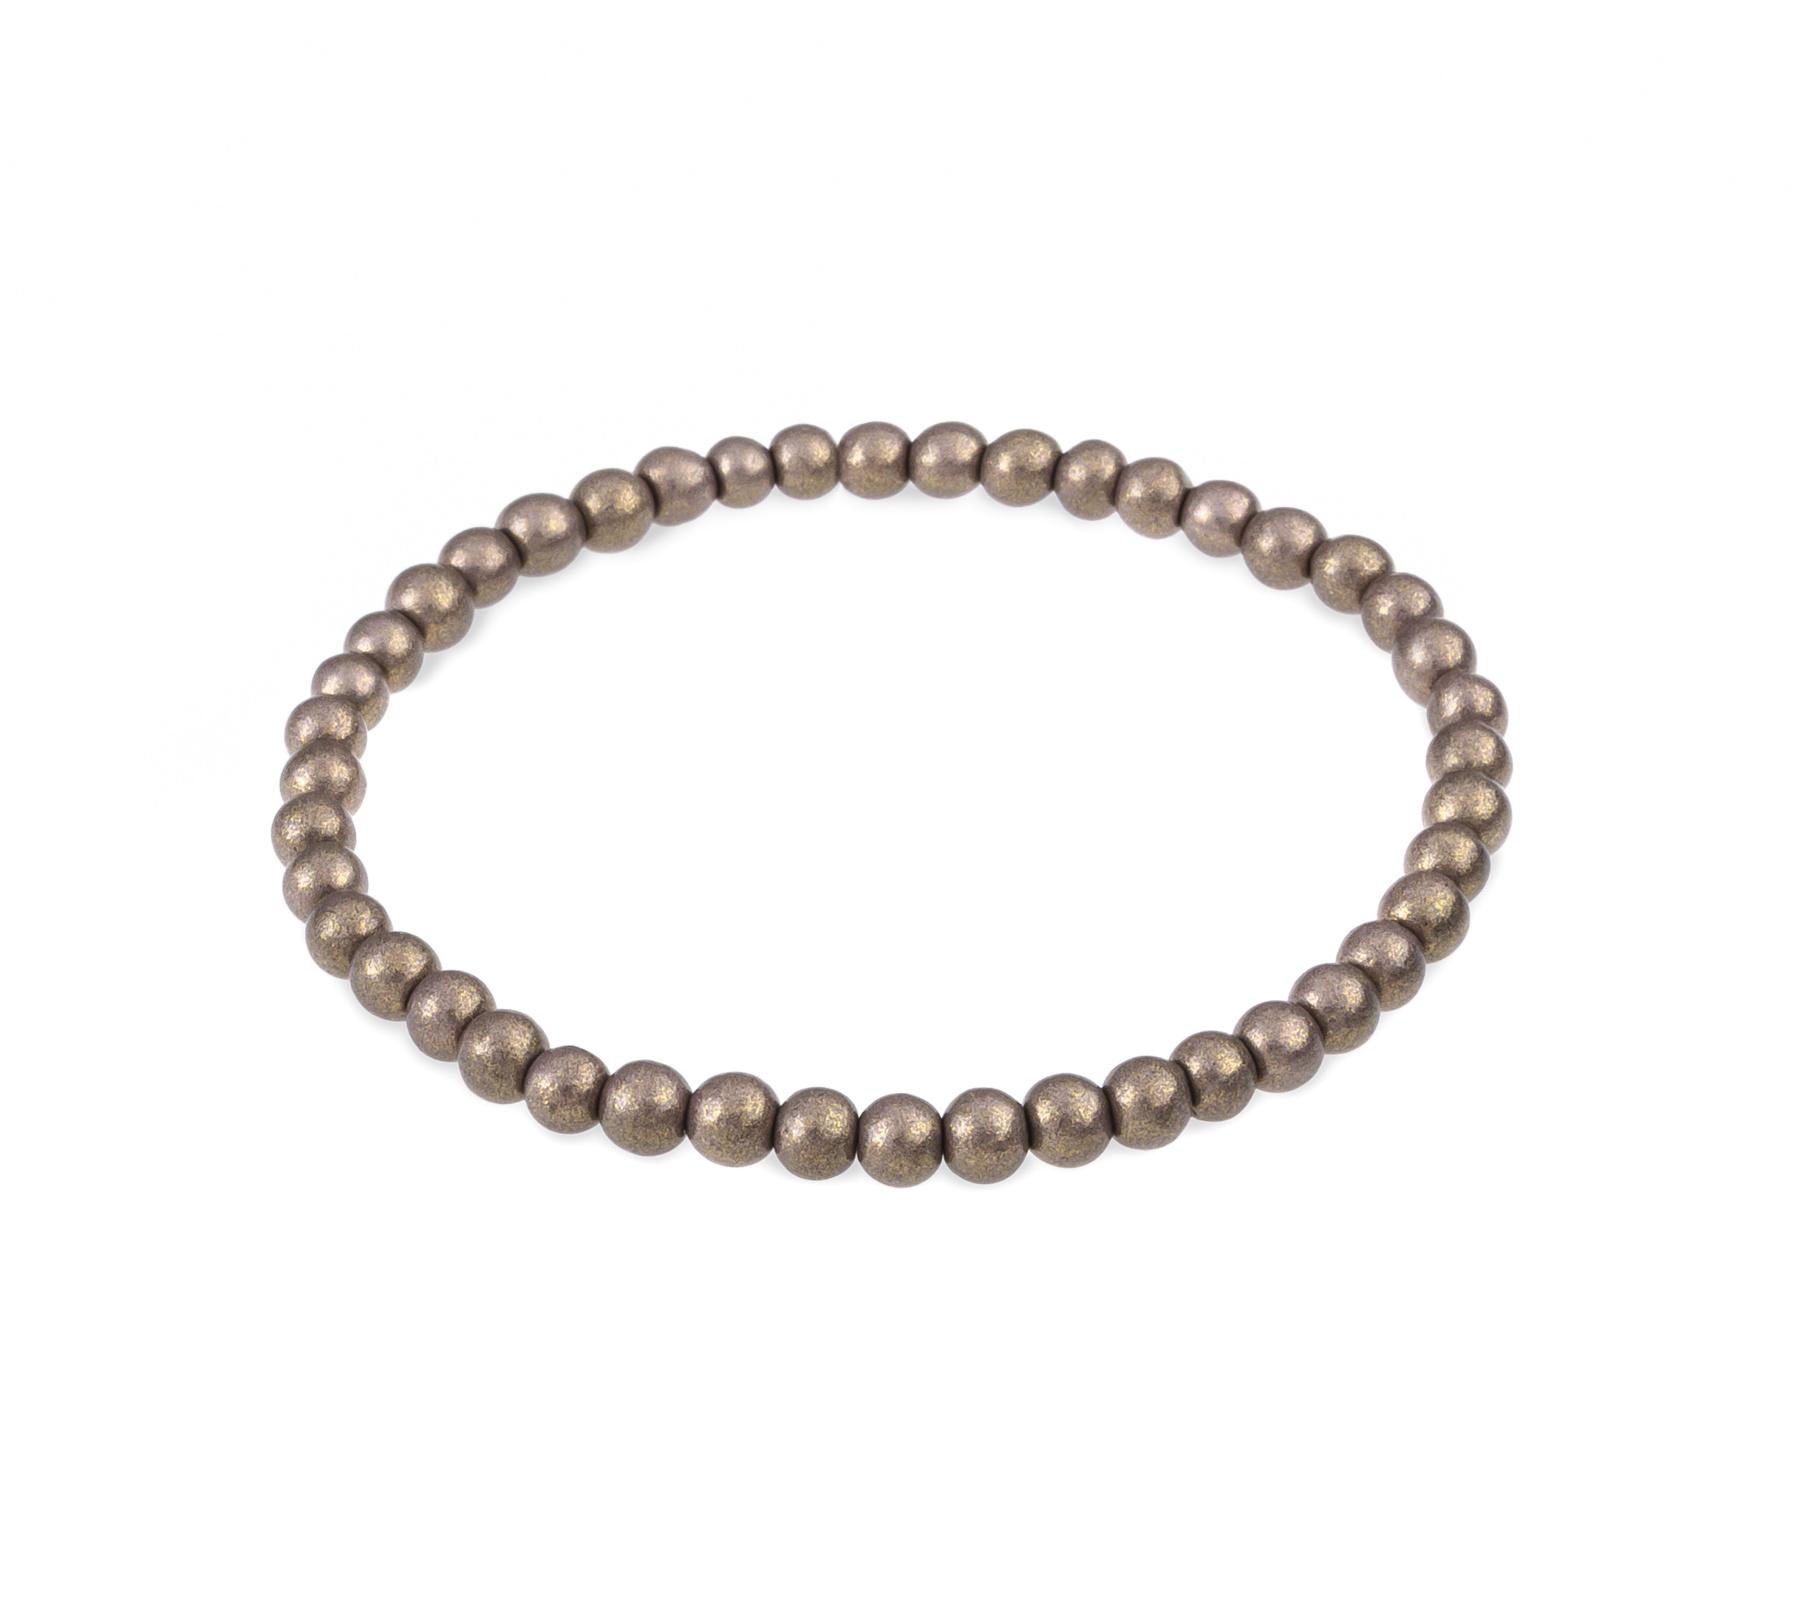 Glaskralen armband grijs metallic-1